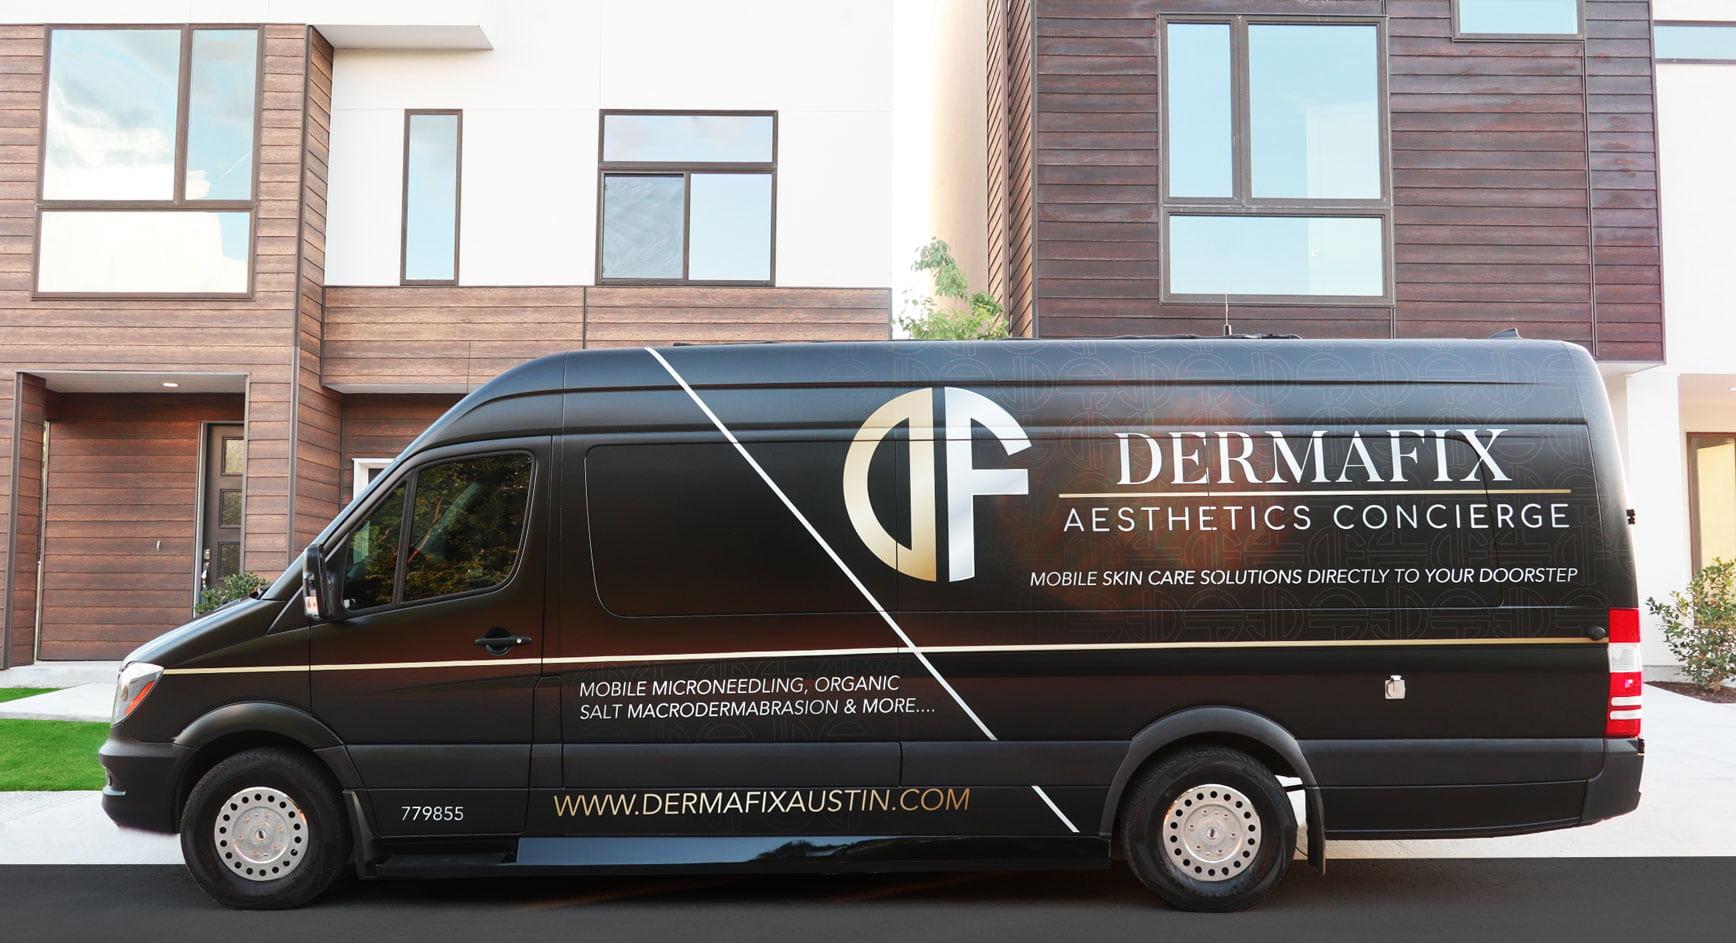 DermaFix-Sprinter-Large-min